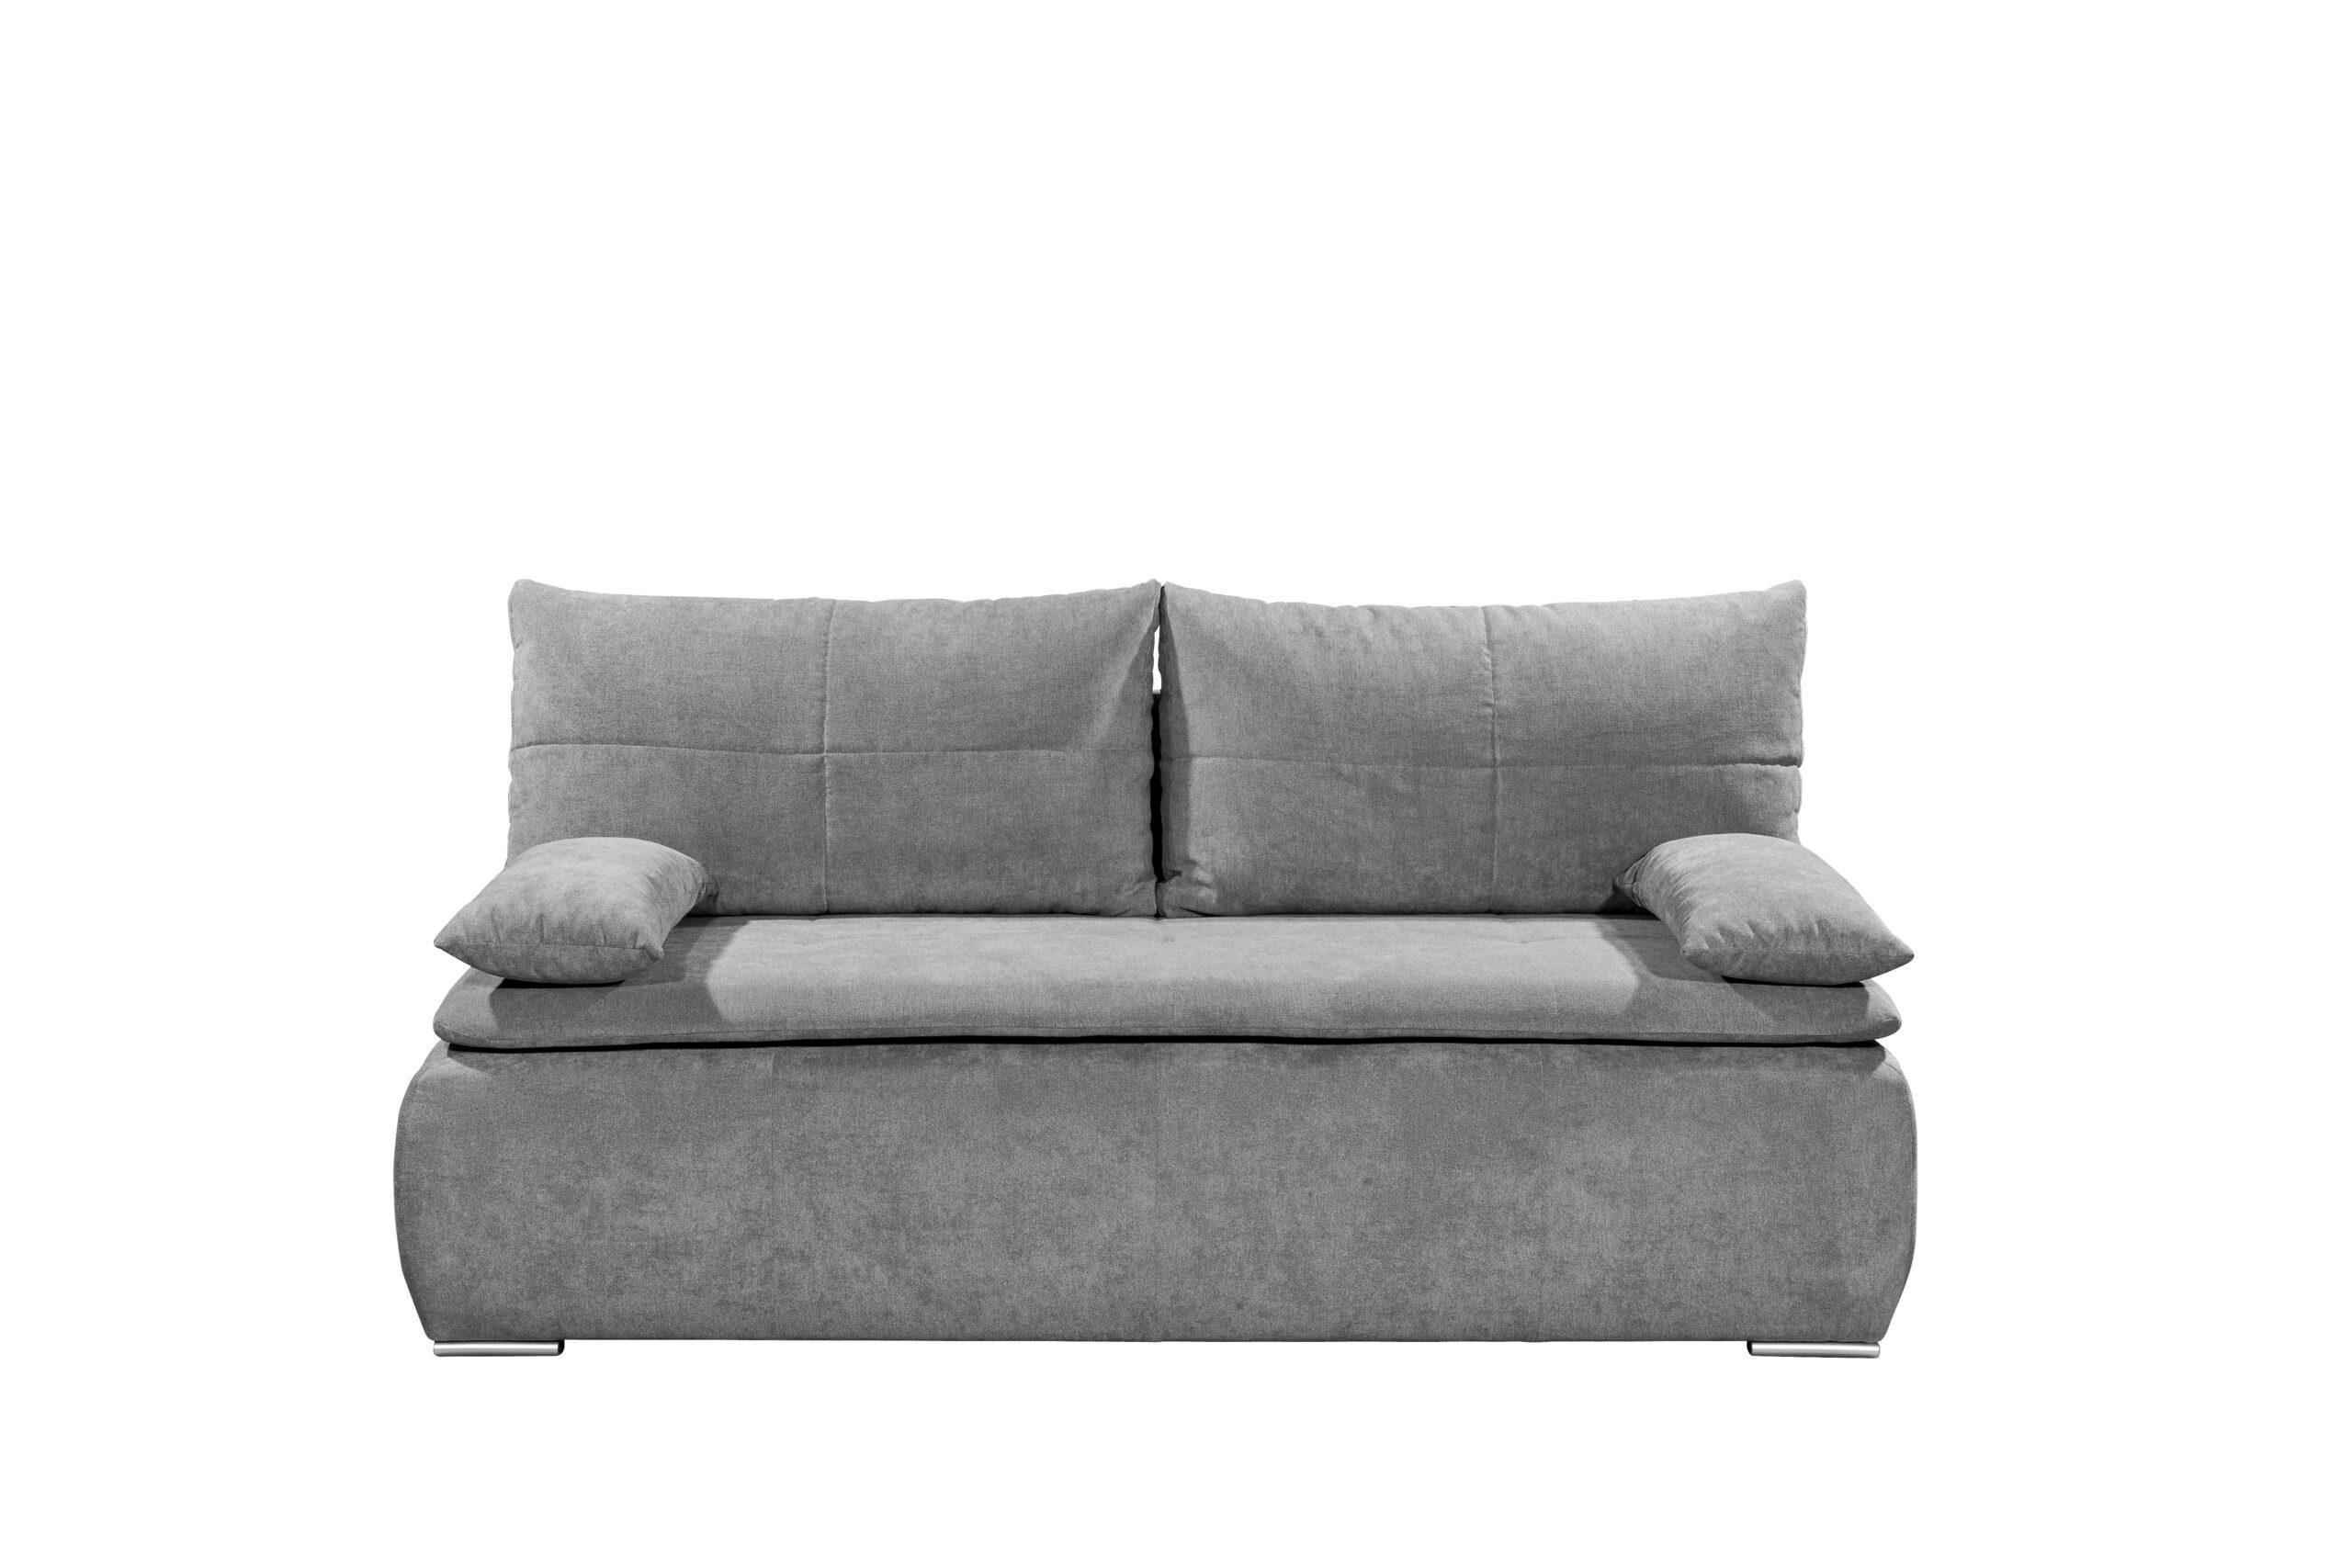 Full Size of Sofa Zweisitzer Couch Jana Schlafcouch Schlafsofa Ausziehbar Kleines Sitzhöhe 55 Cm Rolf Benz Kunstleder Breit Elektrisch Polyrattan Brühl 2 Sitzer Mit Sofa Sofa Zweisitzer